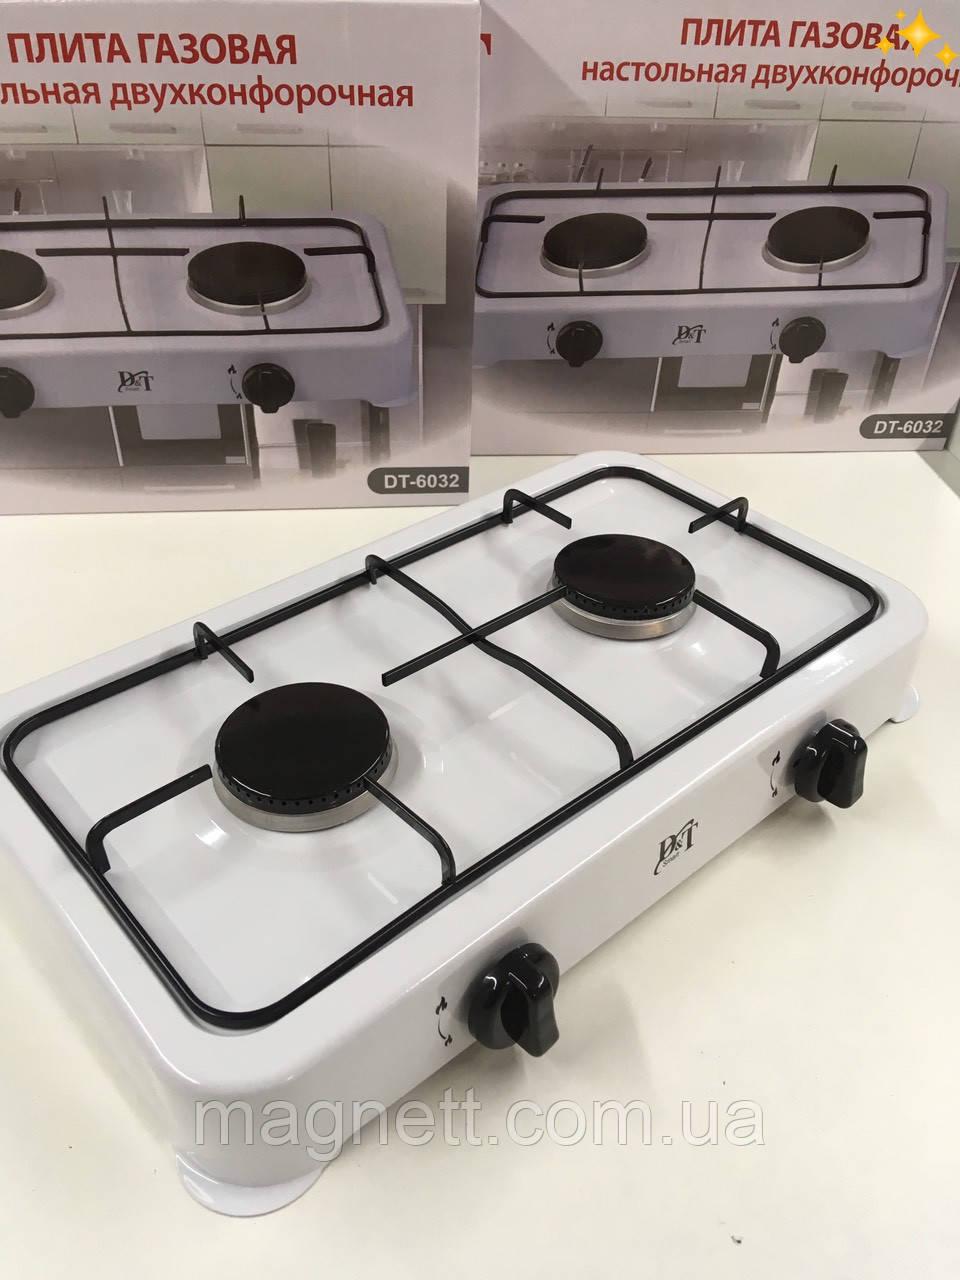 Настольная газовая плита таганок D&T DT-6032 на 2 конфорки